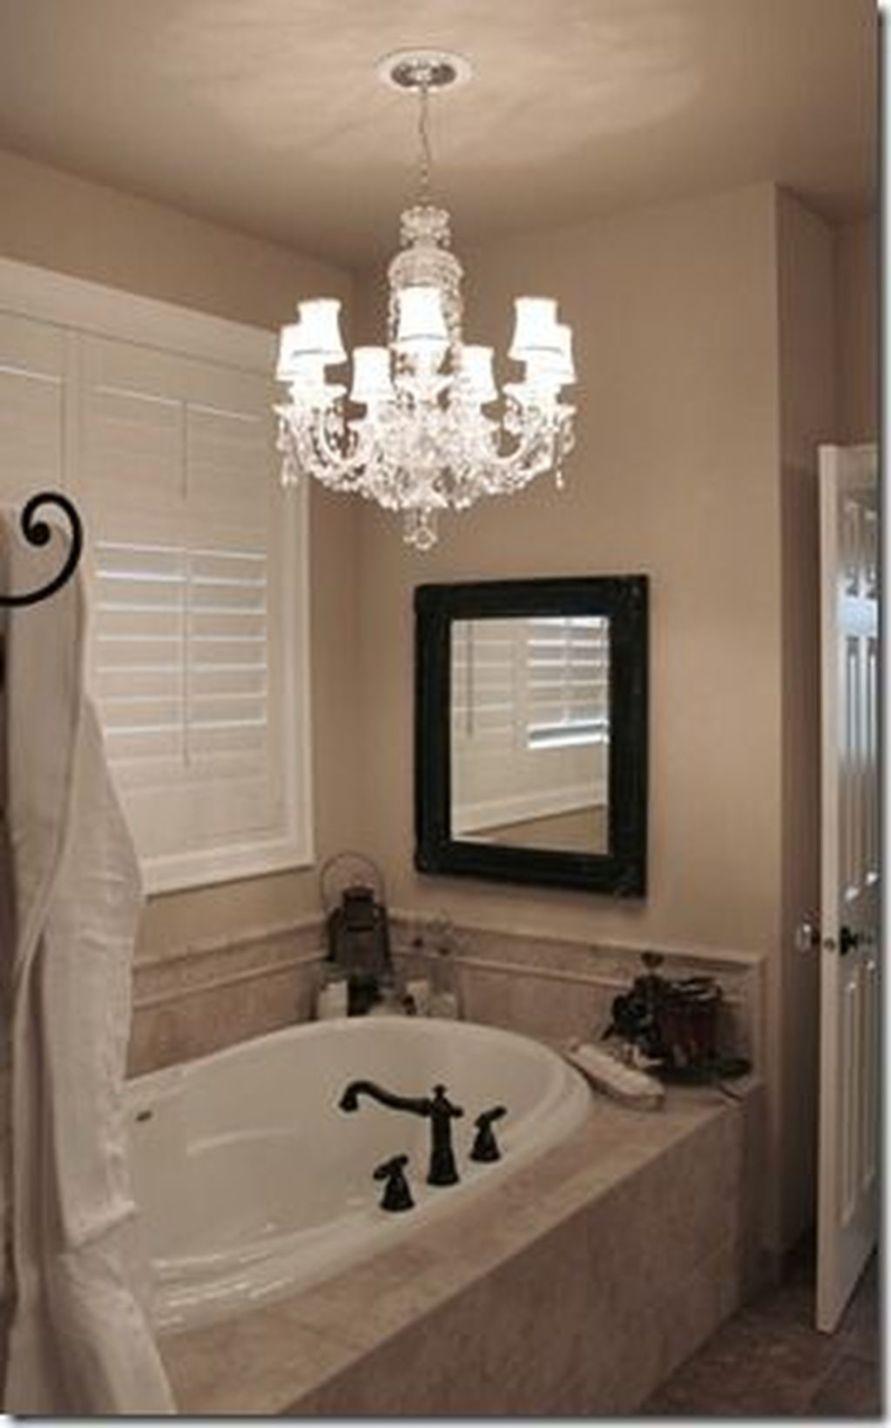 20 Totally Adorable Garden Tub Decorating Ideas Trenduhome Corner Bathtub Decor Bathtub Decor Restroom Decor